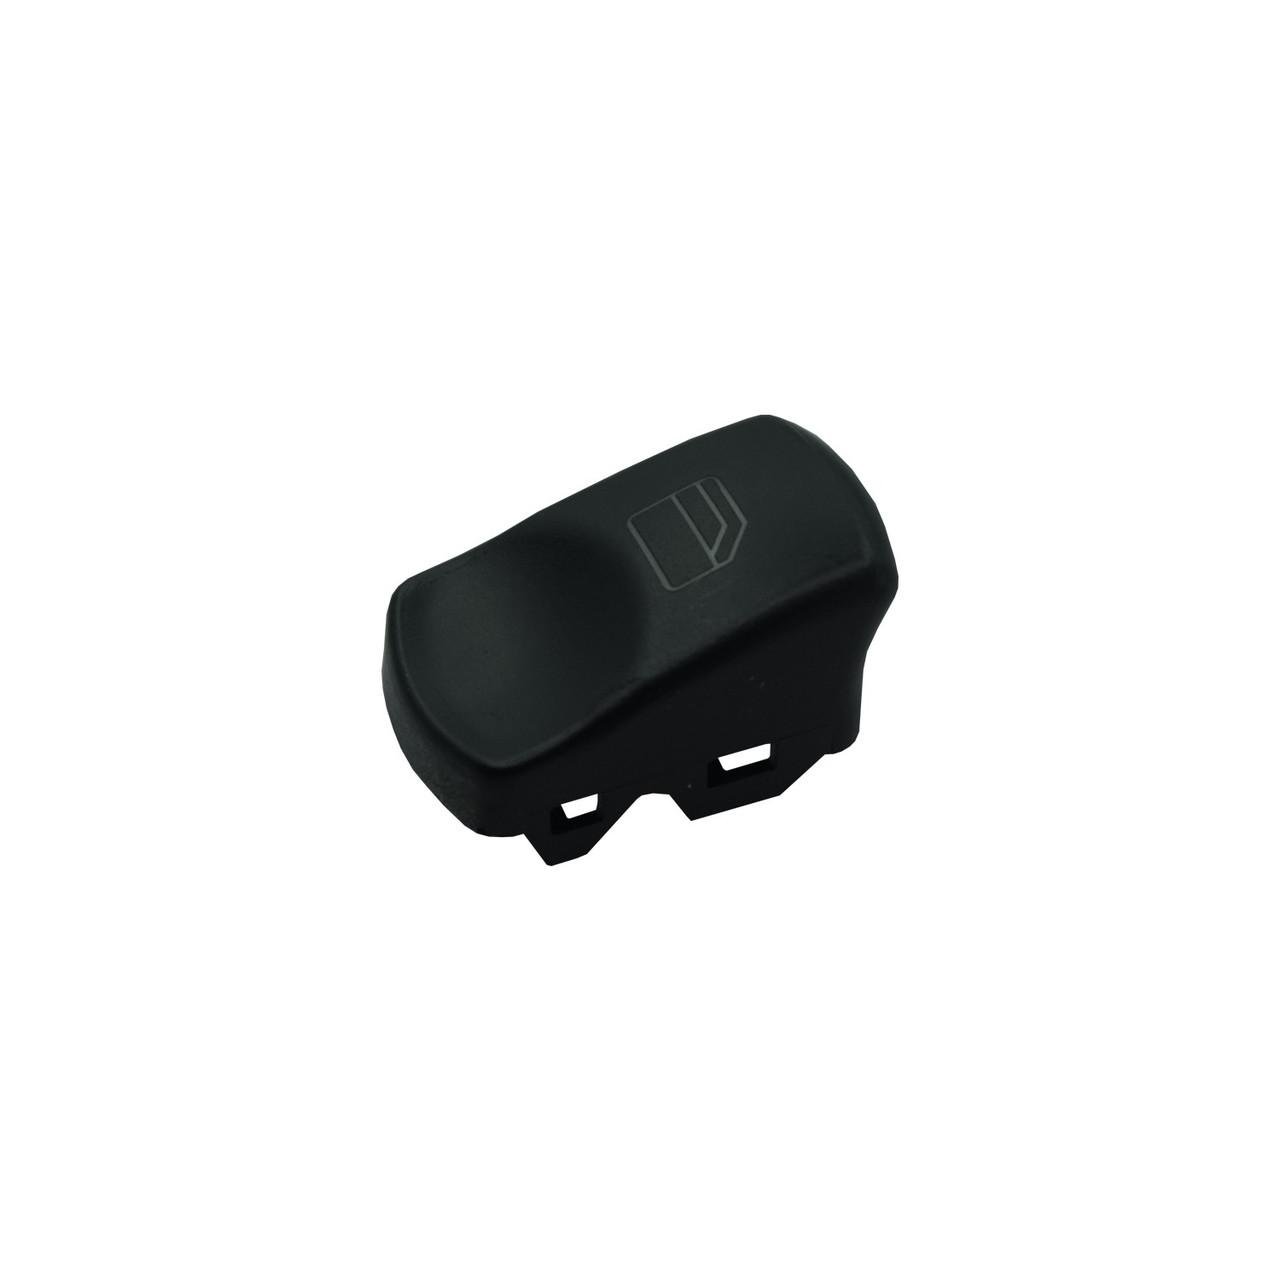 Клавиша кнопки пассажирского стеклоподьемника VW Crafter Volkswagen A9065451913 9065451913